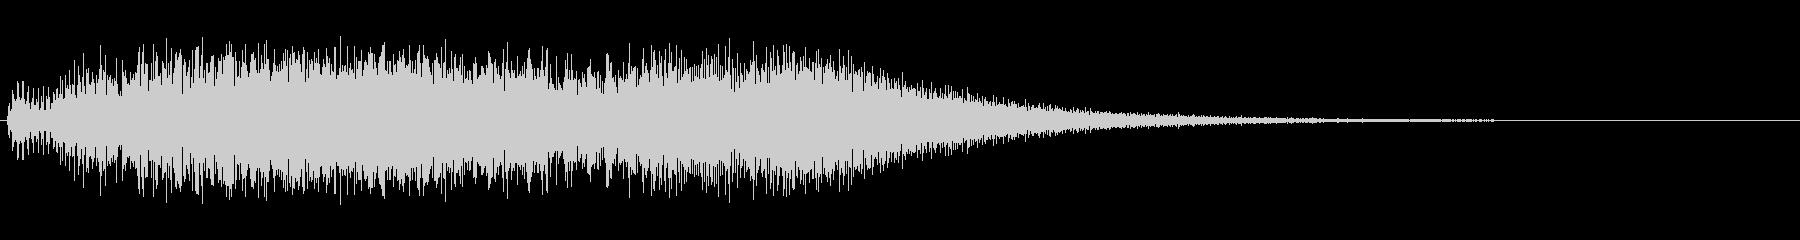 キラキラ系余韻ありアップの未再生の波形